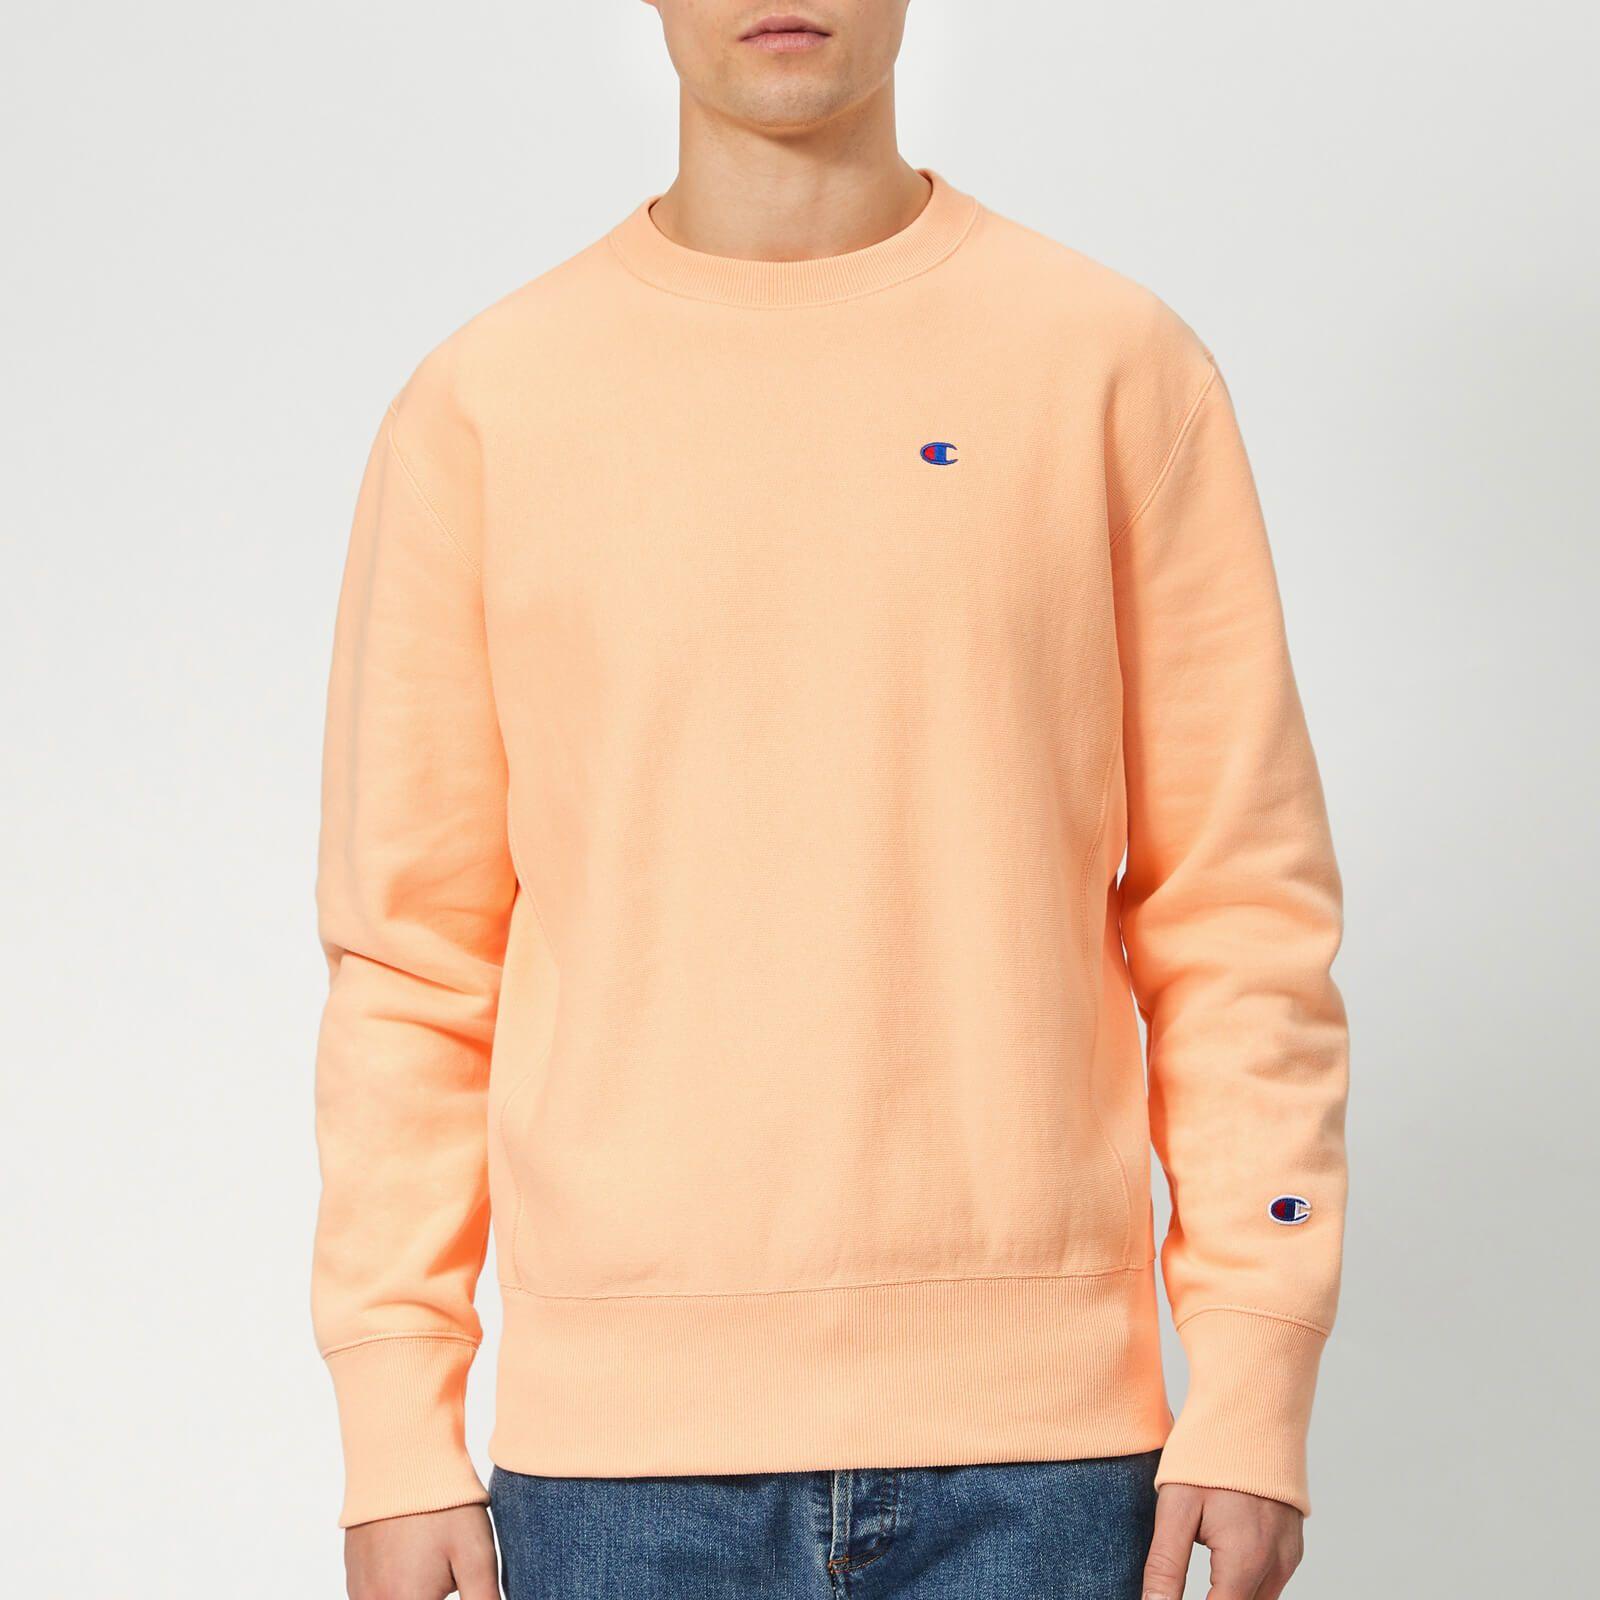 Champion Men Crew Neck Sweatshirt Sweatshirts Long Sleeve Tshirt Men [ 1600 x 1600 Pixel ]